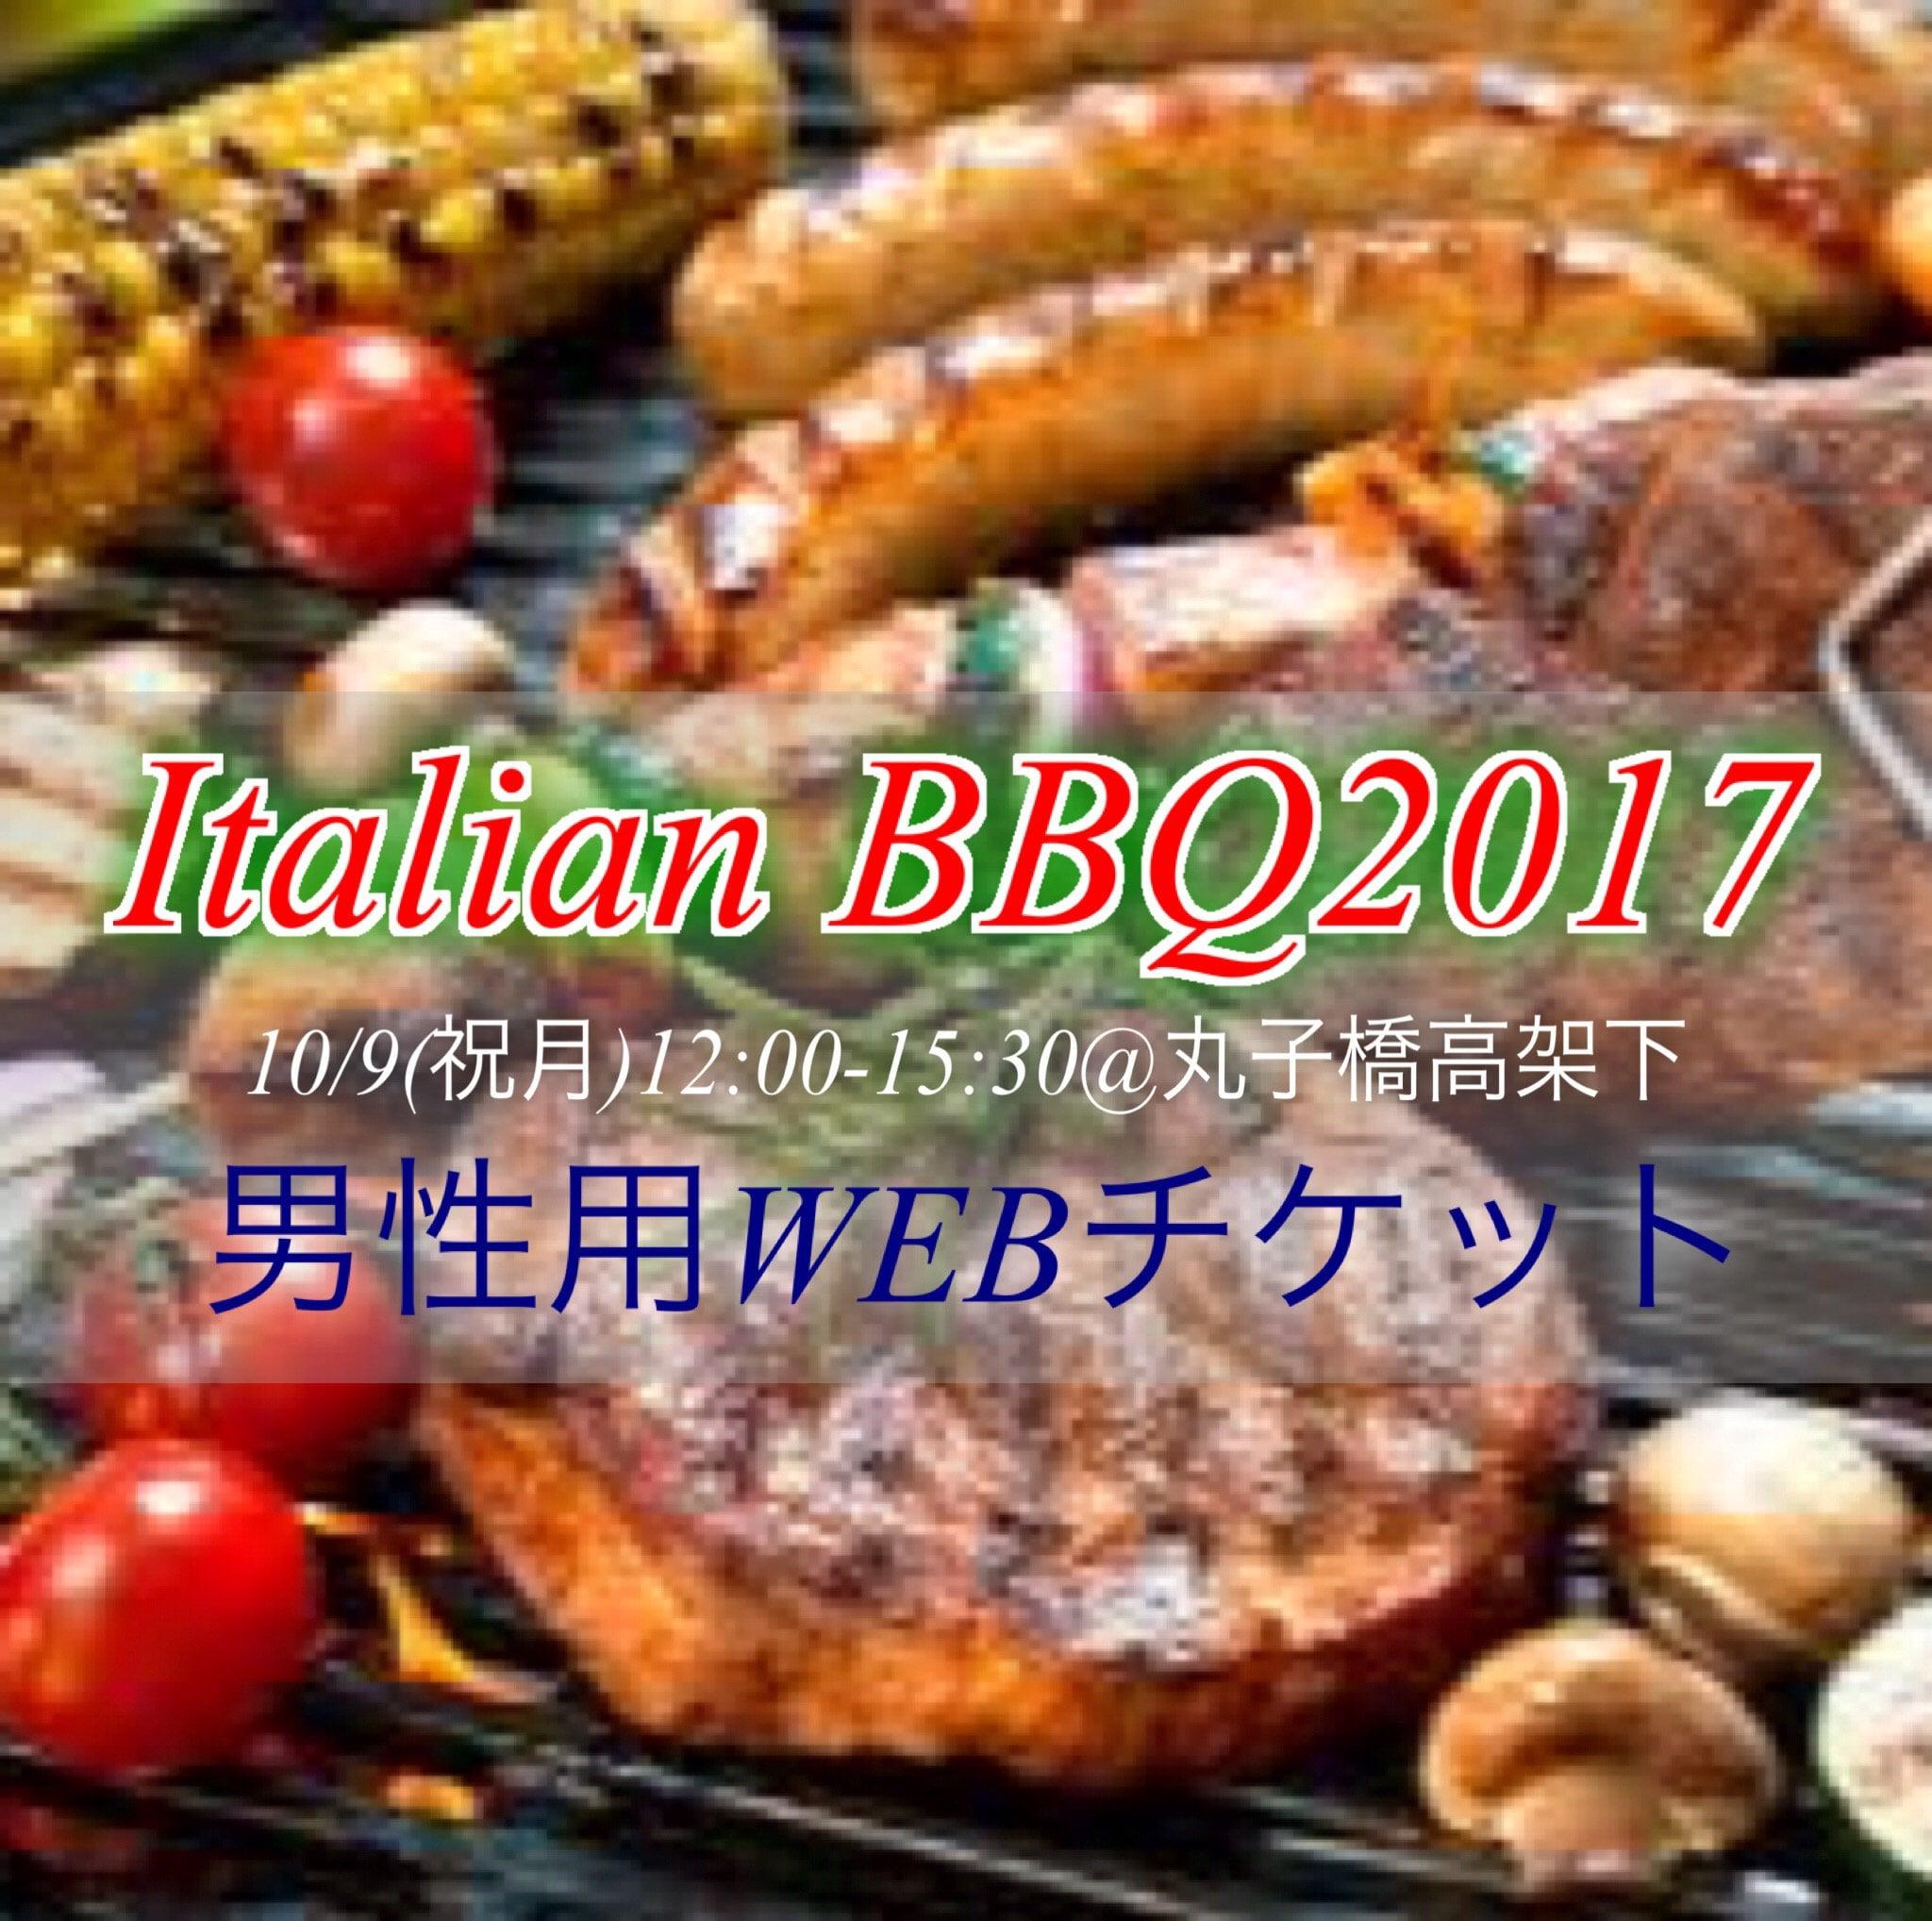 【男性用10/9(祝月)東京・神奈川1000名BBQ企画NY】【1名参加歓迎&初参加歓迎】Italian BBQ  フェス 2017 ウェブチケットのイメージその1